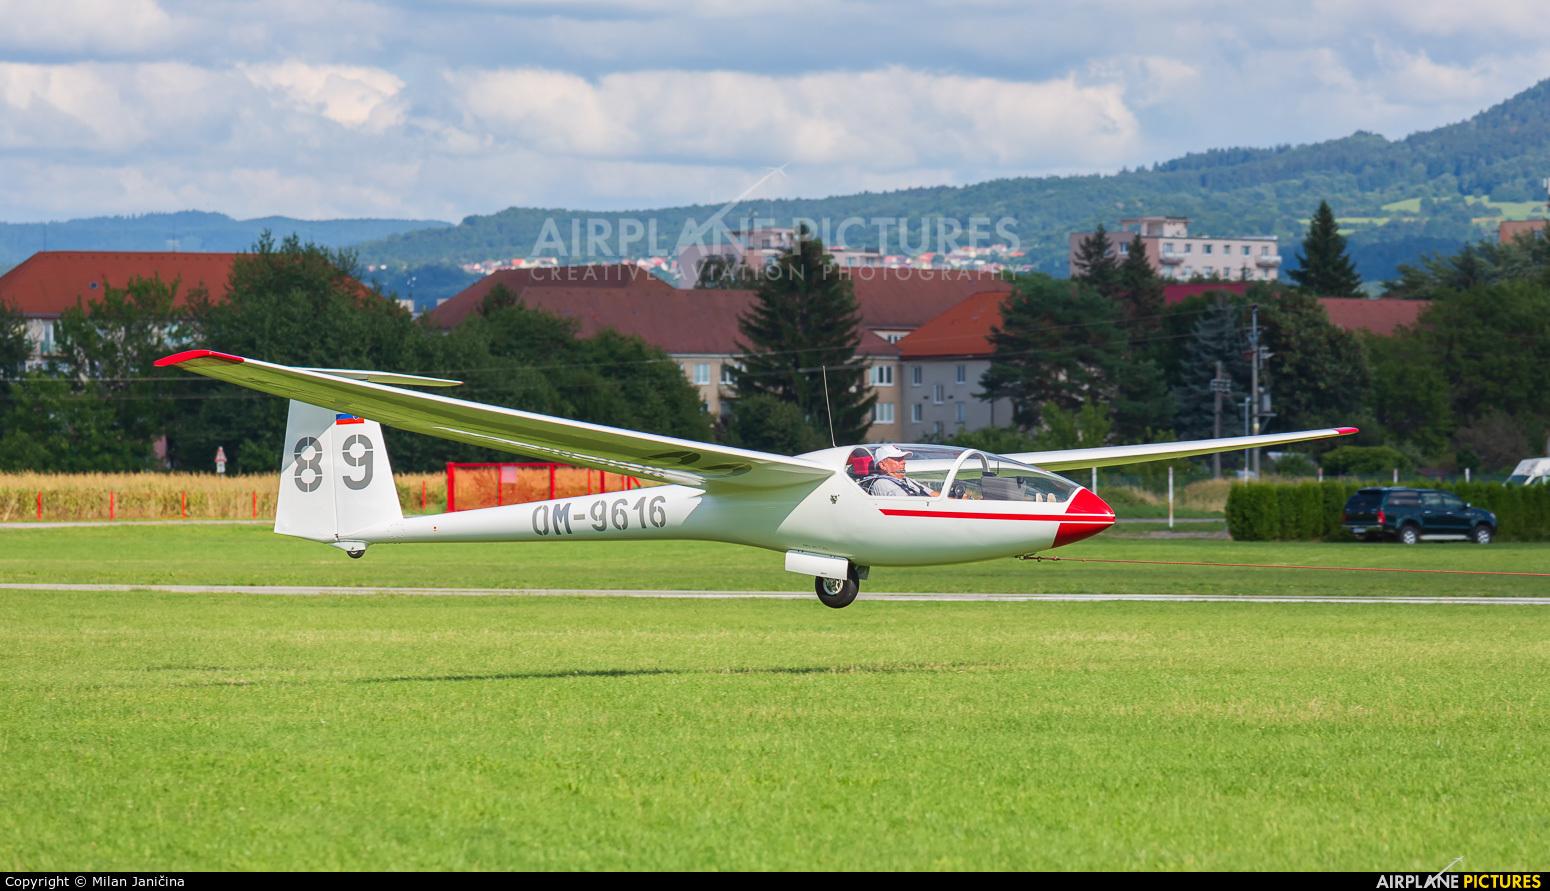 Aeroklub Prievidza OM-9616 aircraft at Prievidza